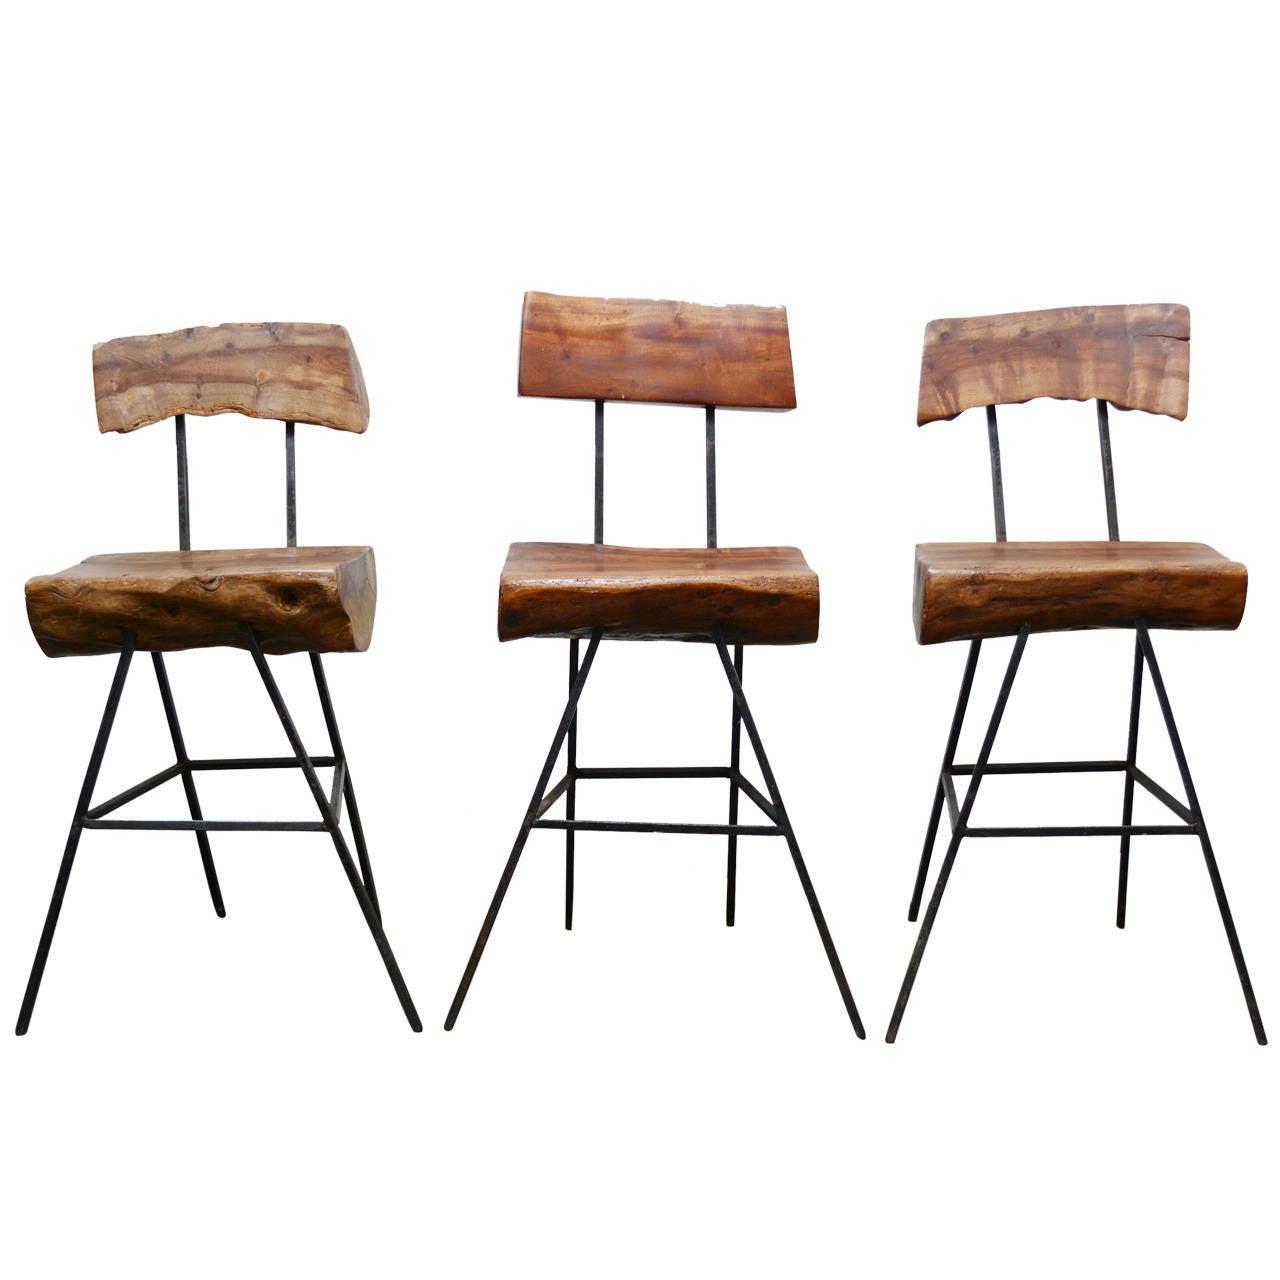 Rustic Modern Iron And Log Bar Stools At 1stdibs